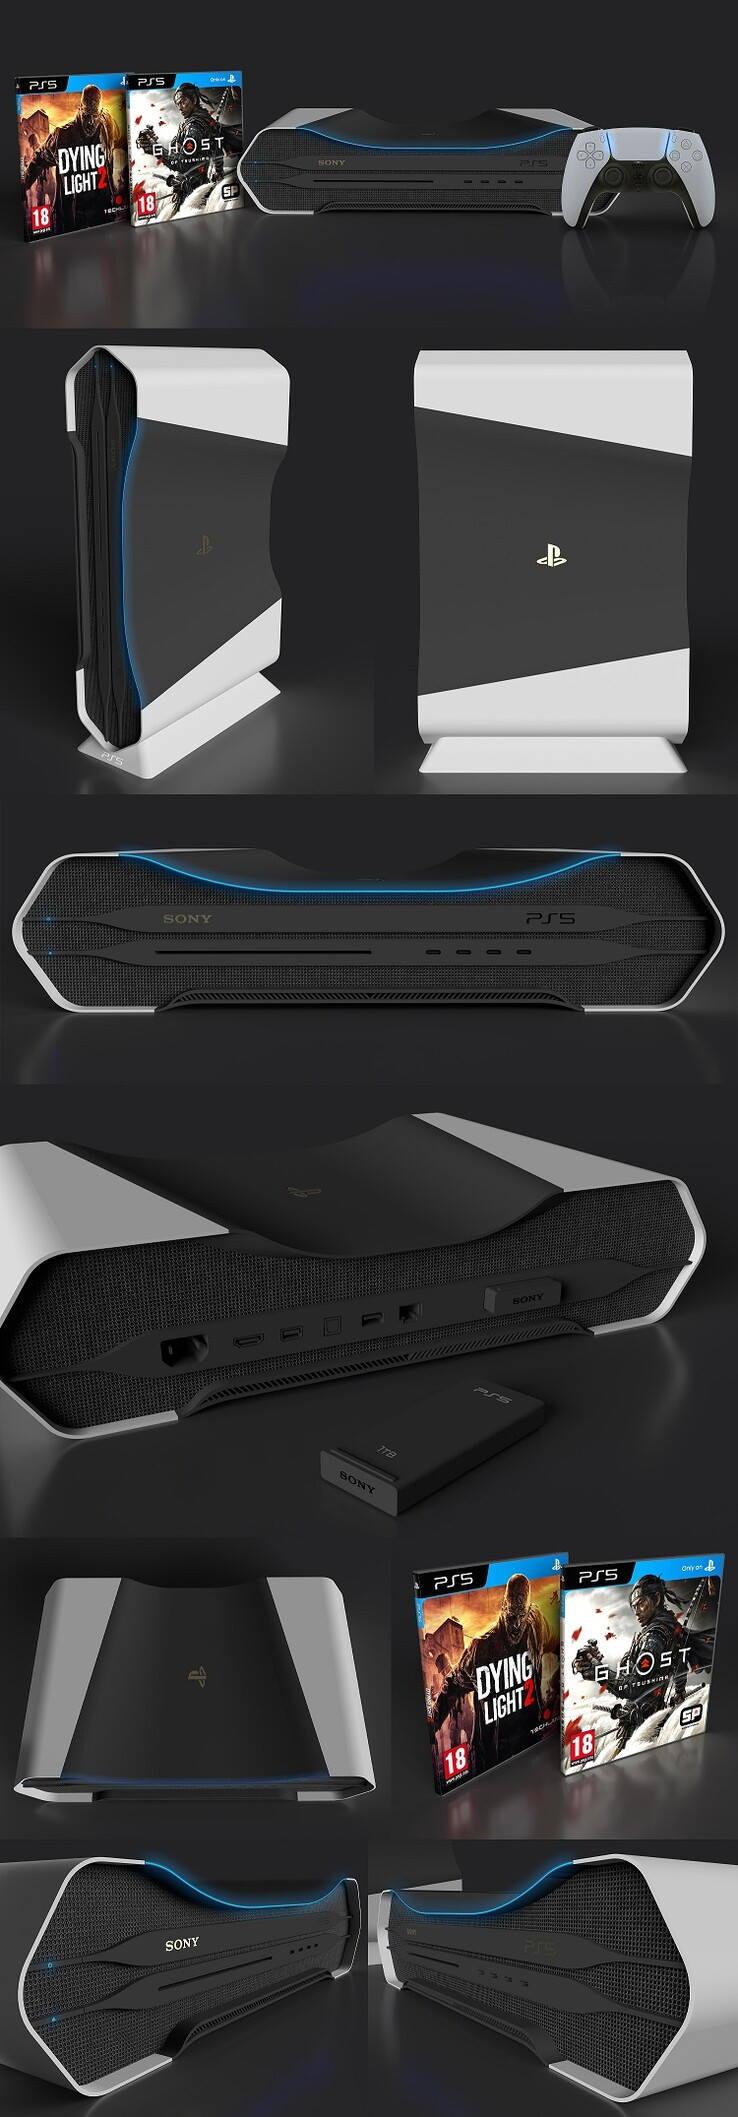 PS5 será presentada en mayo y entrará en producción en junio: estará lista para estas navidades 30